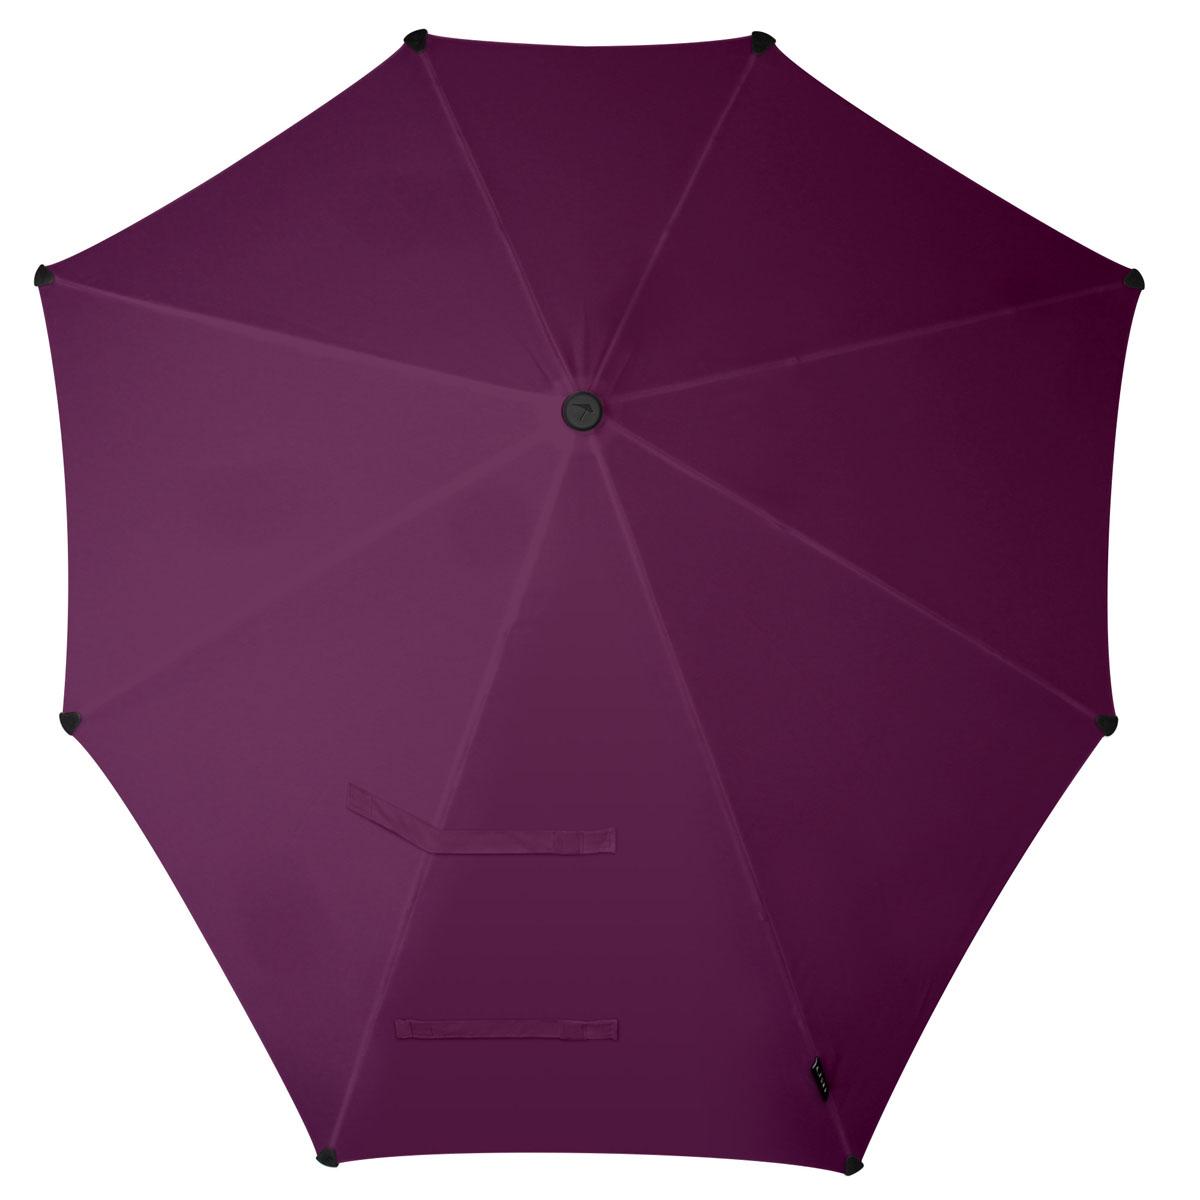 Зонт-трость Senz, цвет: фиолетовый. 2011070CX1516-50-10Инновационный противоштормовый зонт-трость, выдерживающий любую непогоду. Входит в коллекцию urban breeze, разработанную в соответствии с современными течениями fashion-индустрии. Зонт Senz отлично дополнит образ, подчеркнет индивидуальность и вкус своего обладателя.Форма купола продумана так, что вы легко найдете самое удобное положение на ветру – без паники и без борьбы со стихией. Закрывает спину от дождя. Благодаря своей усовершенствованной конструкции, зонт не выворачивается наизнанку даже при сильном ветре. Модель Senz Original выдержала испытания в аэротрубе со скоростью ветра 100 км/ч. Характеристики:- тип — трость- выдерживает порывы ветра до 100 км/ч- УФ-защита 50+- удобная мягкая ручка- безопасные колпачки на кончиках спицах- в комплекте прочный чехол из плотной ткани с лямкой на плечо - гарантия 2 года